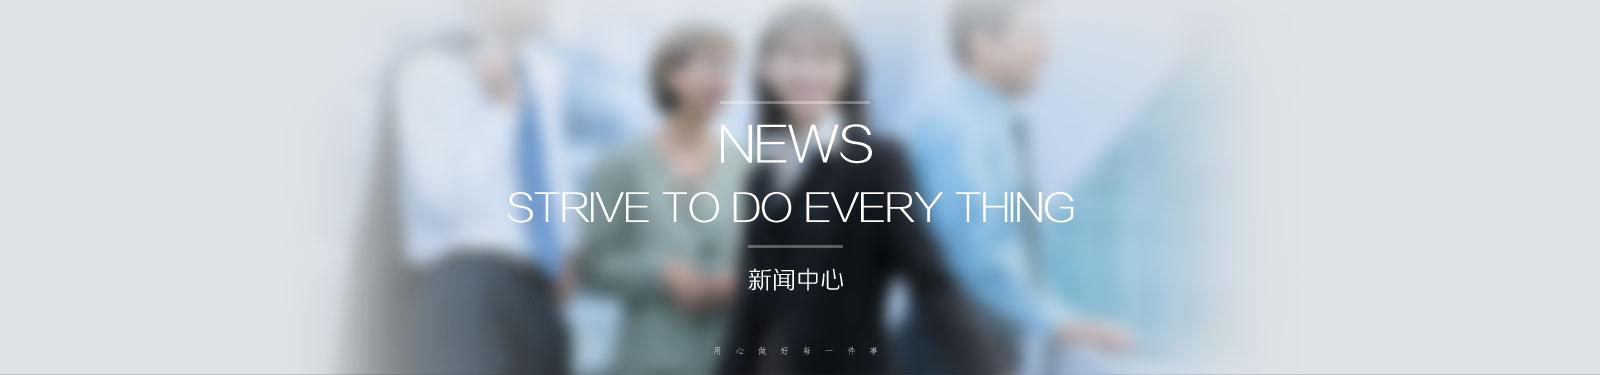 新闻页banner